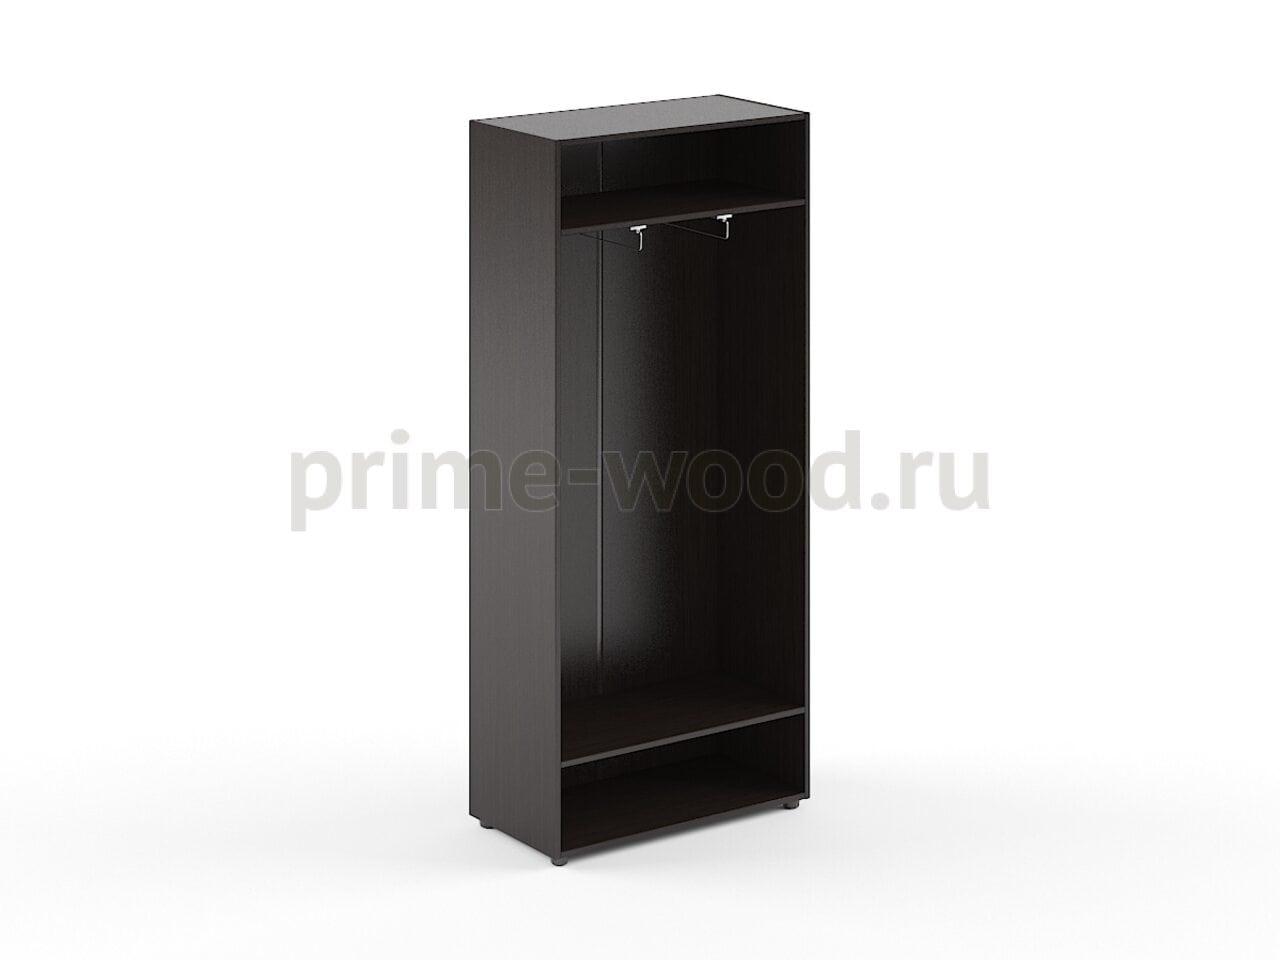 Каркас гардероба  DIONI 85x43x193 - фото 1